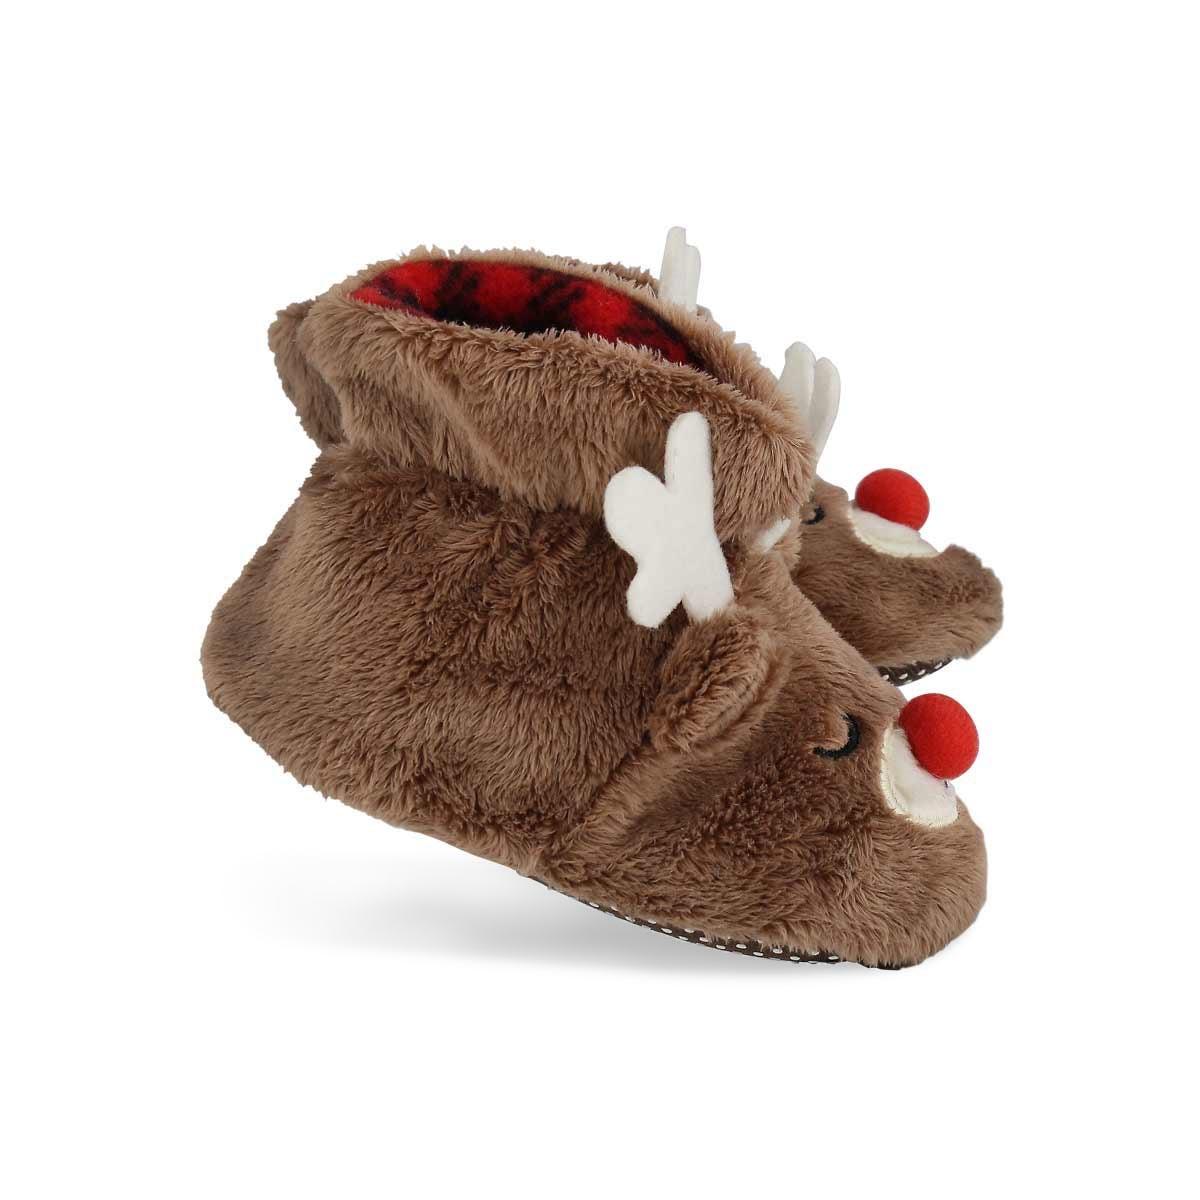 Infs Rudy tan slipper booties